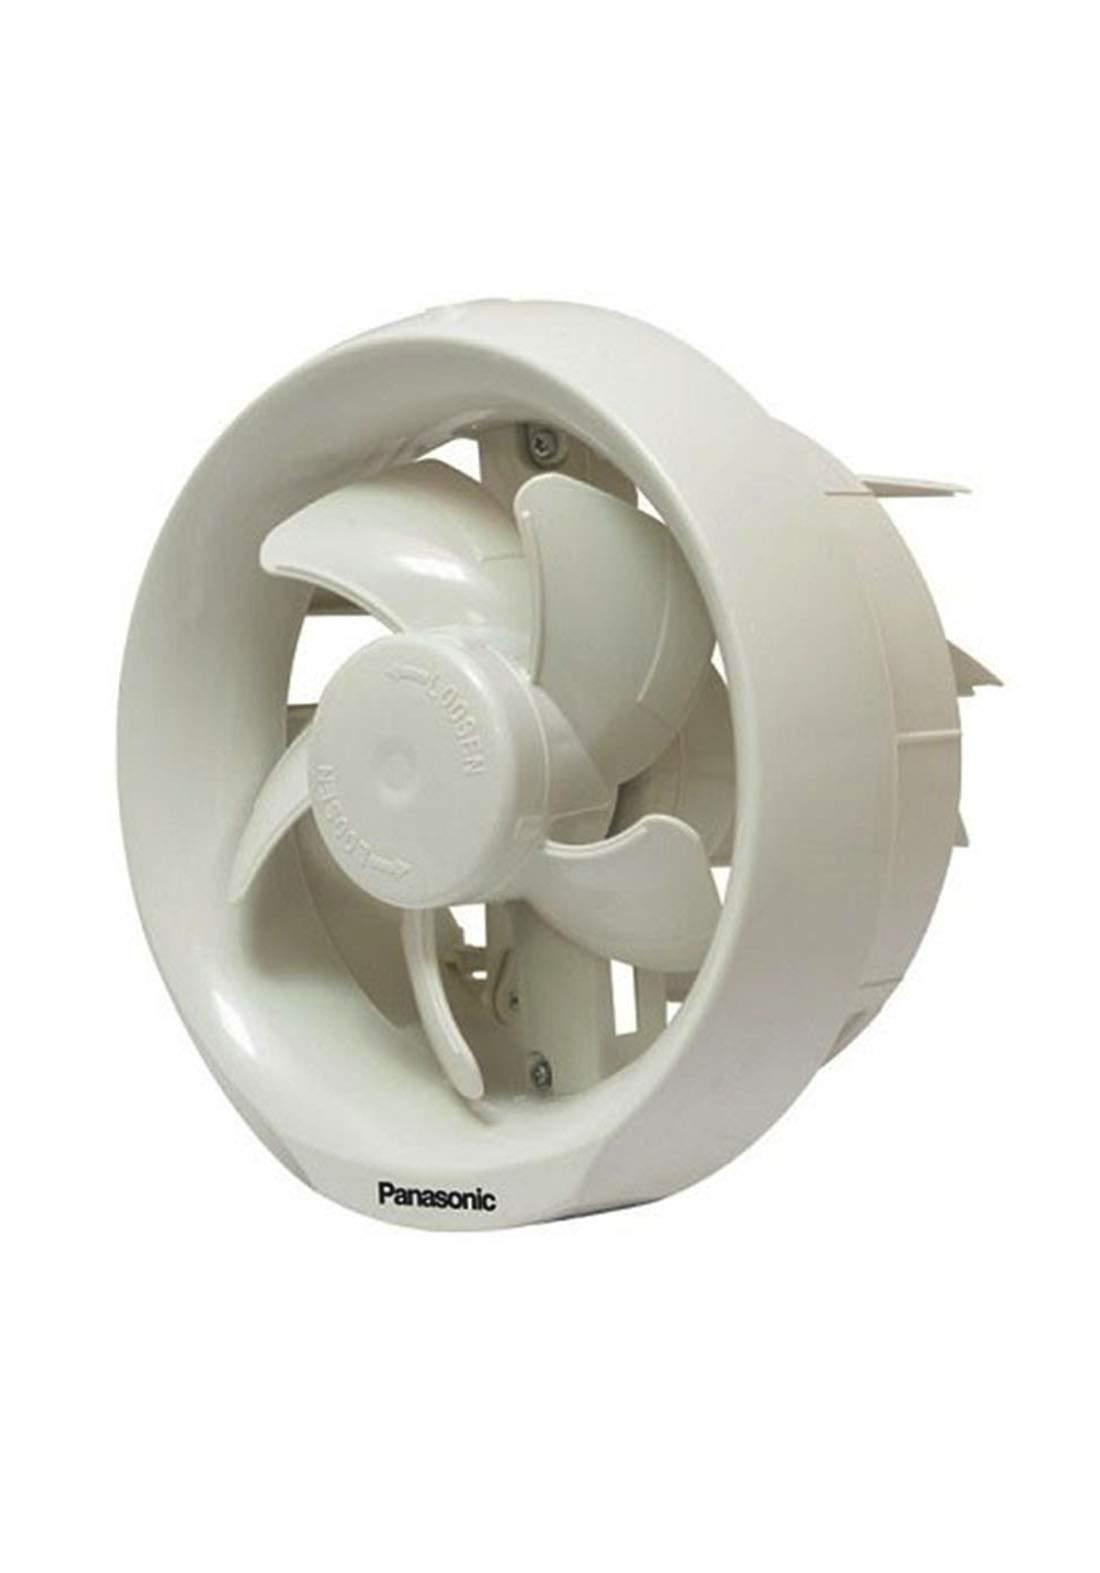 Panasonic FV-15WA1NAMG Ventilating Fans 15 cm ساحبة هوائية